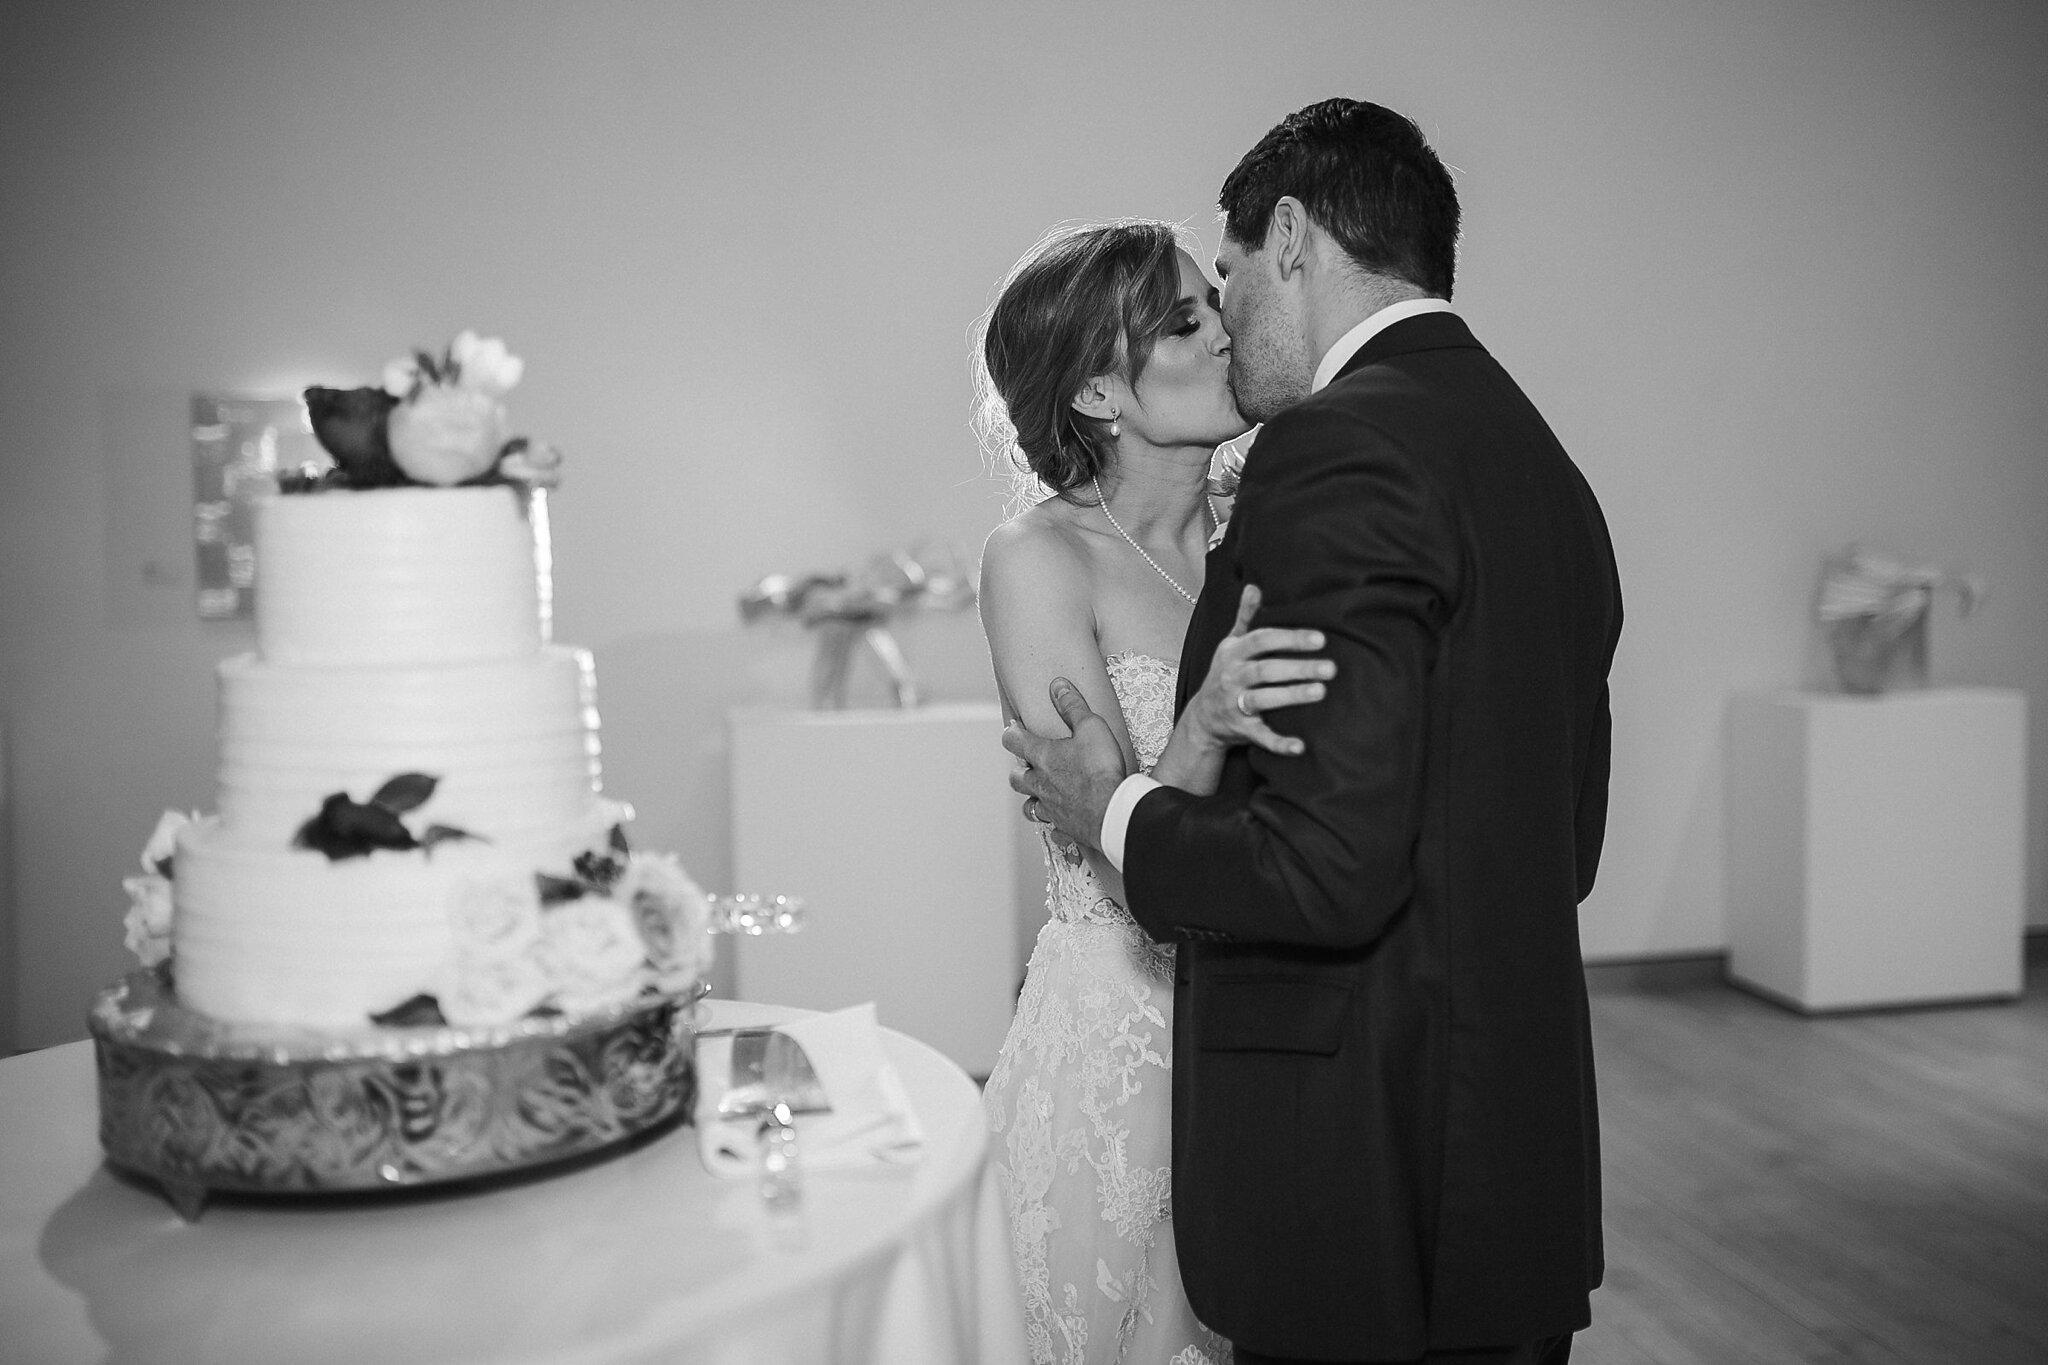 Alicia+lucia+photography+-+albuquerque+wedding+photographer+-+santa+fe+wedding+photography+-+new+mexico+wedding+photographer+-+new+mexico+wedding+-+wedding+-+wedding+cakes+-+flroal+cake+-+santa+fe+cake+-+santa+fe+baker_0022.jpg